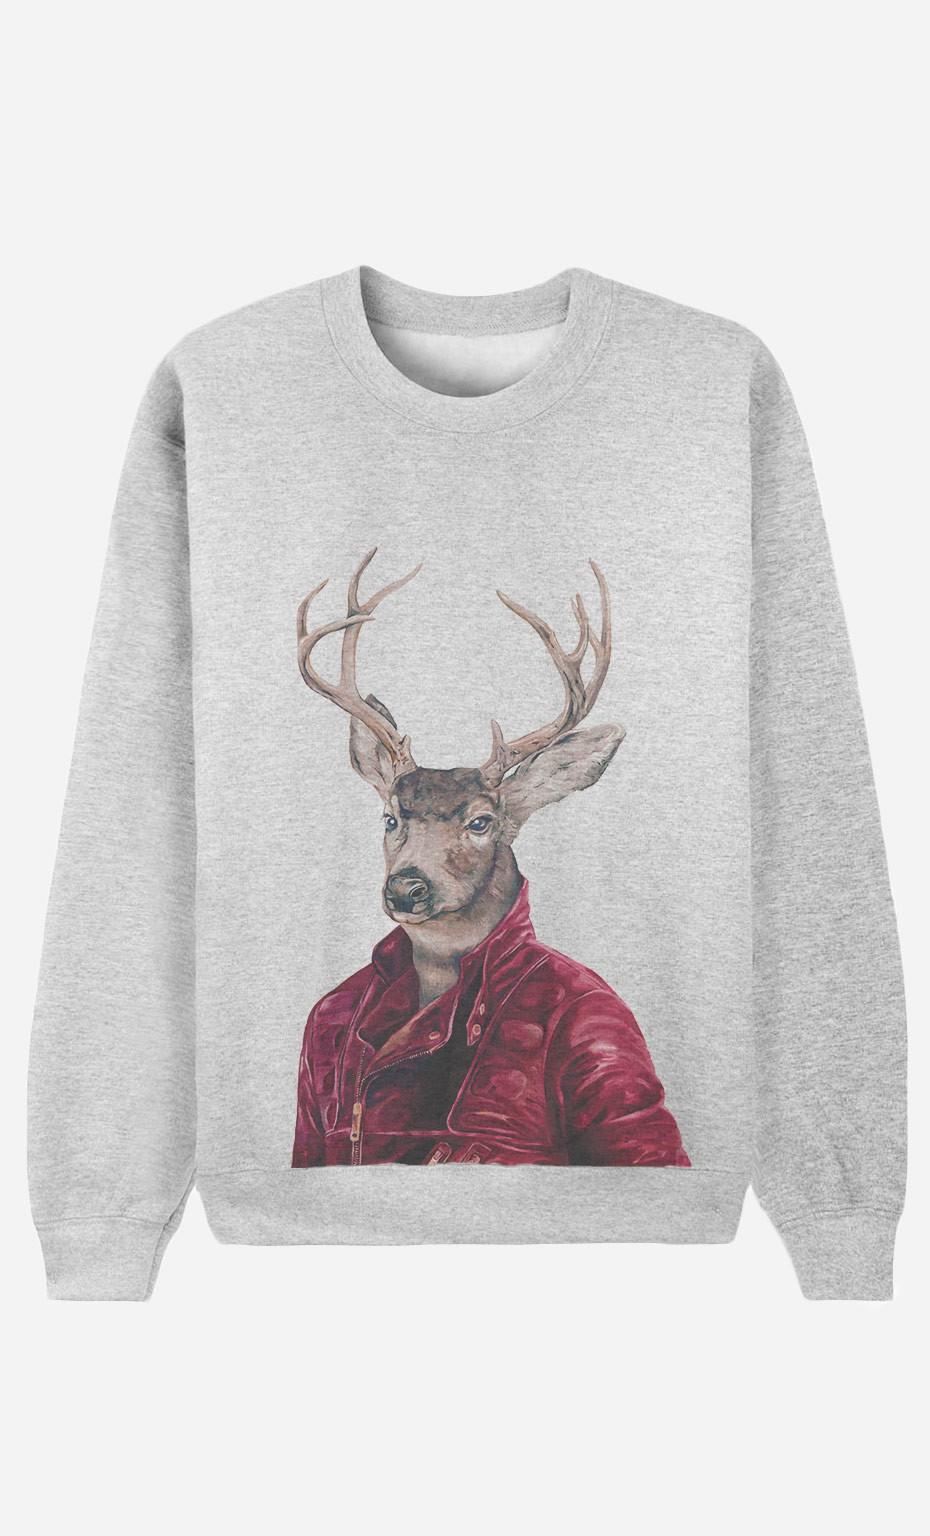 Sweatshirt Red Clad Deer